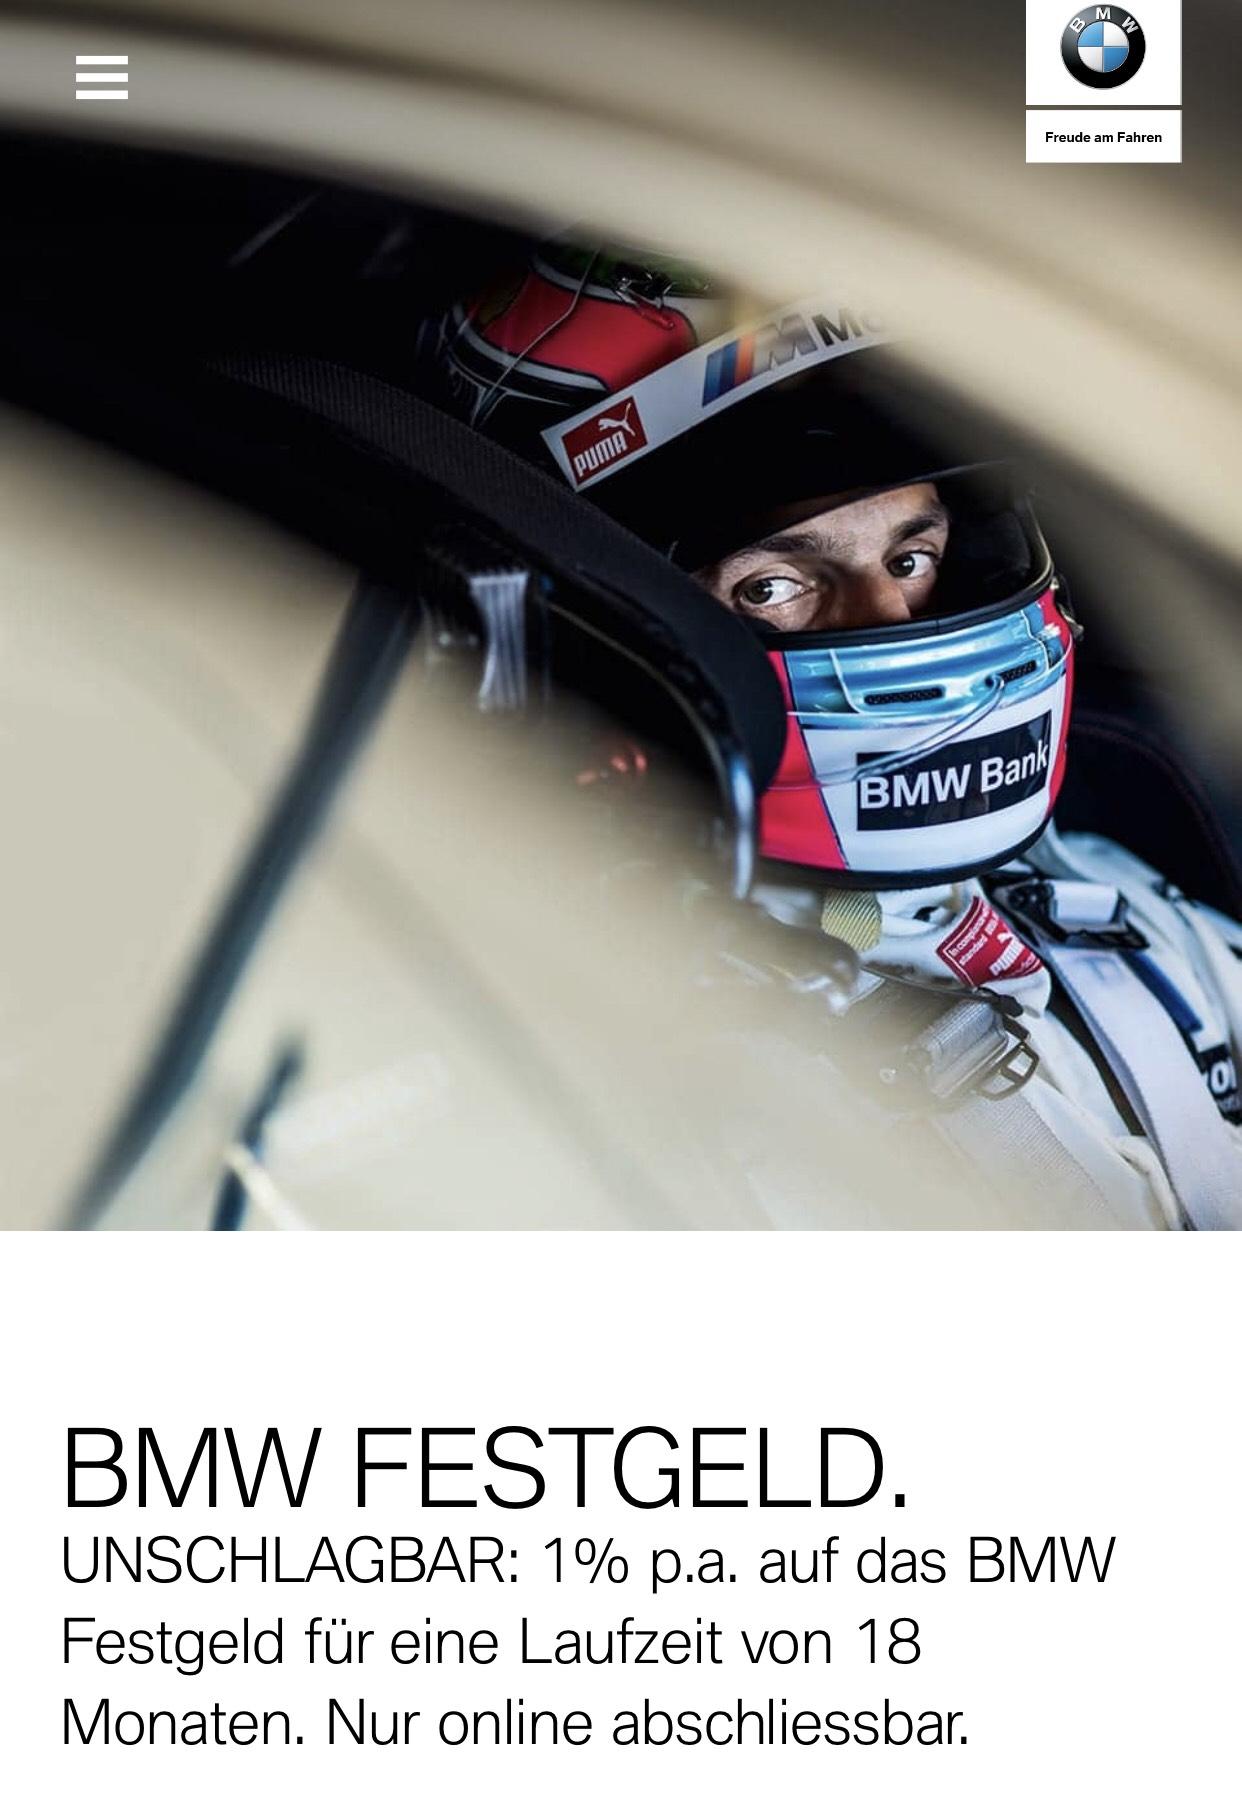 BMW Festgeld 1% für 18 oder 24 Monate / 0,65% p.a. für 6 Monate